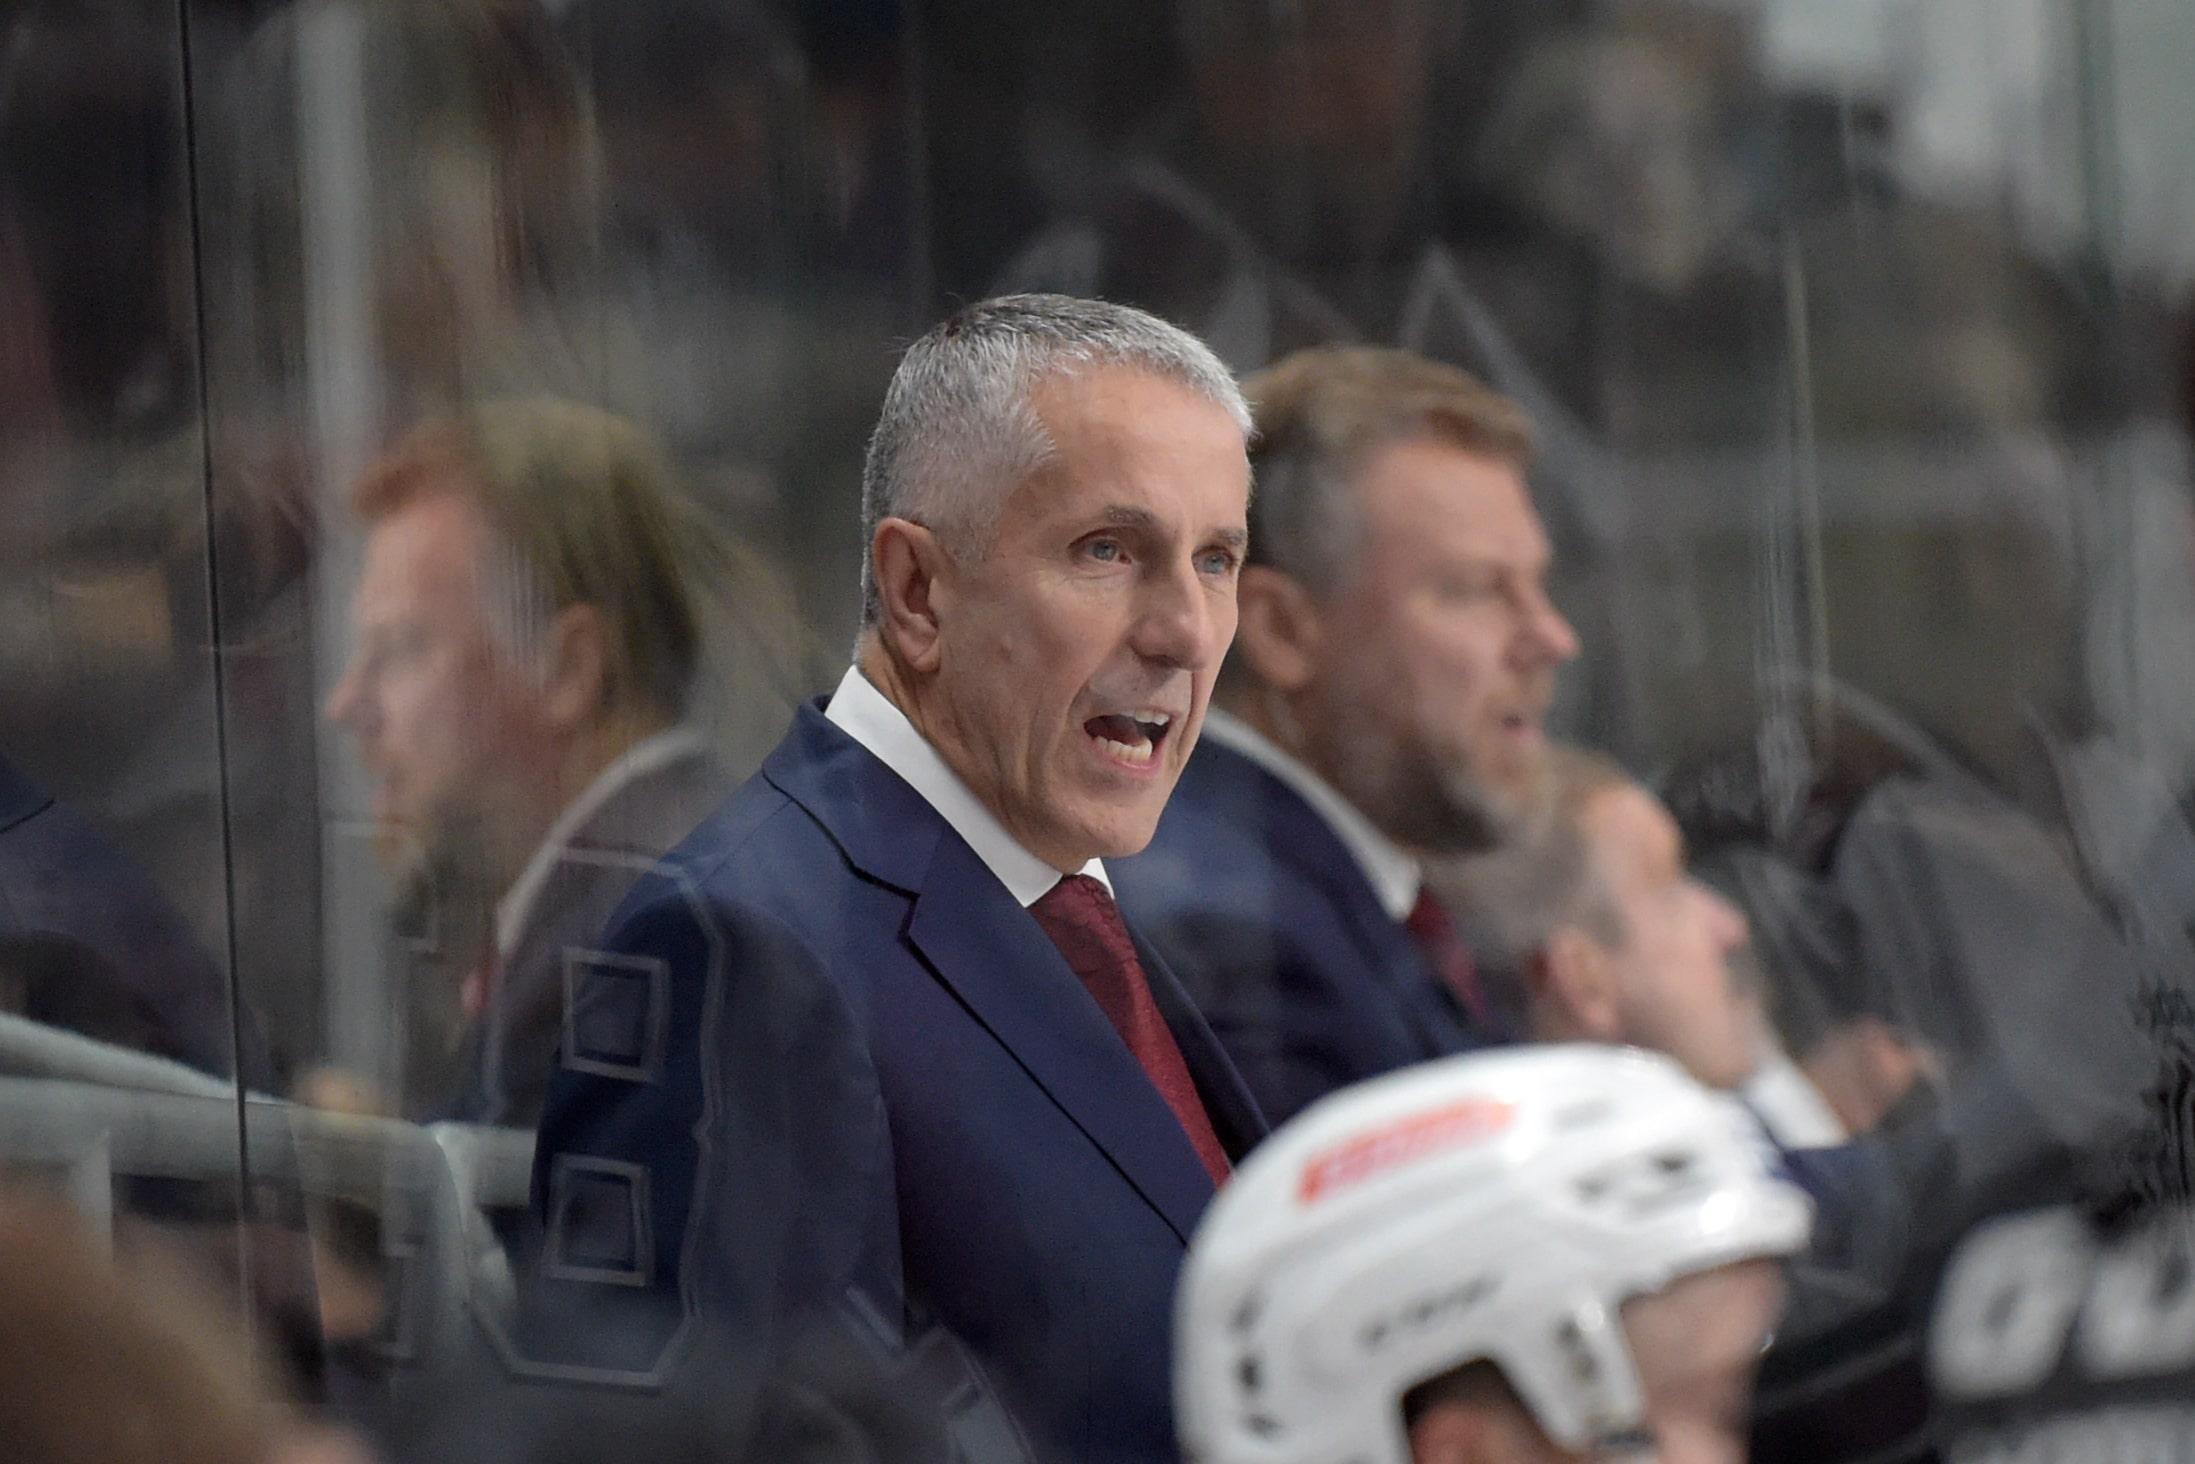 Ārzemju treneru piesaistīšana Latvijas sportā – vai ar viņiem ir labāk?